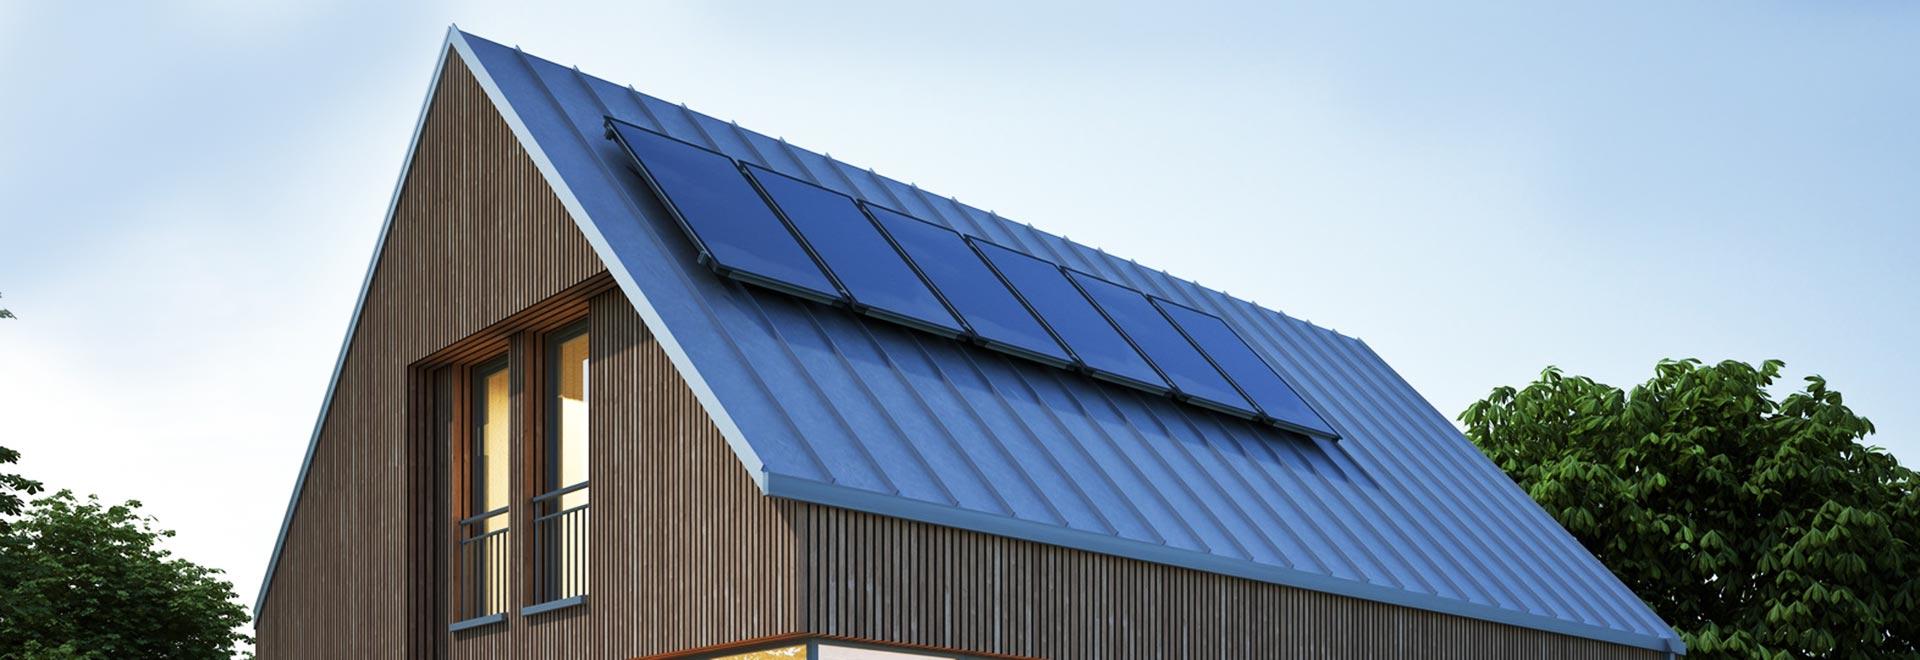 Walter Vögele GmbH in Freiburg: Einsatz modernster Solartechnik